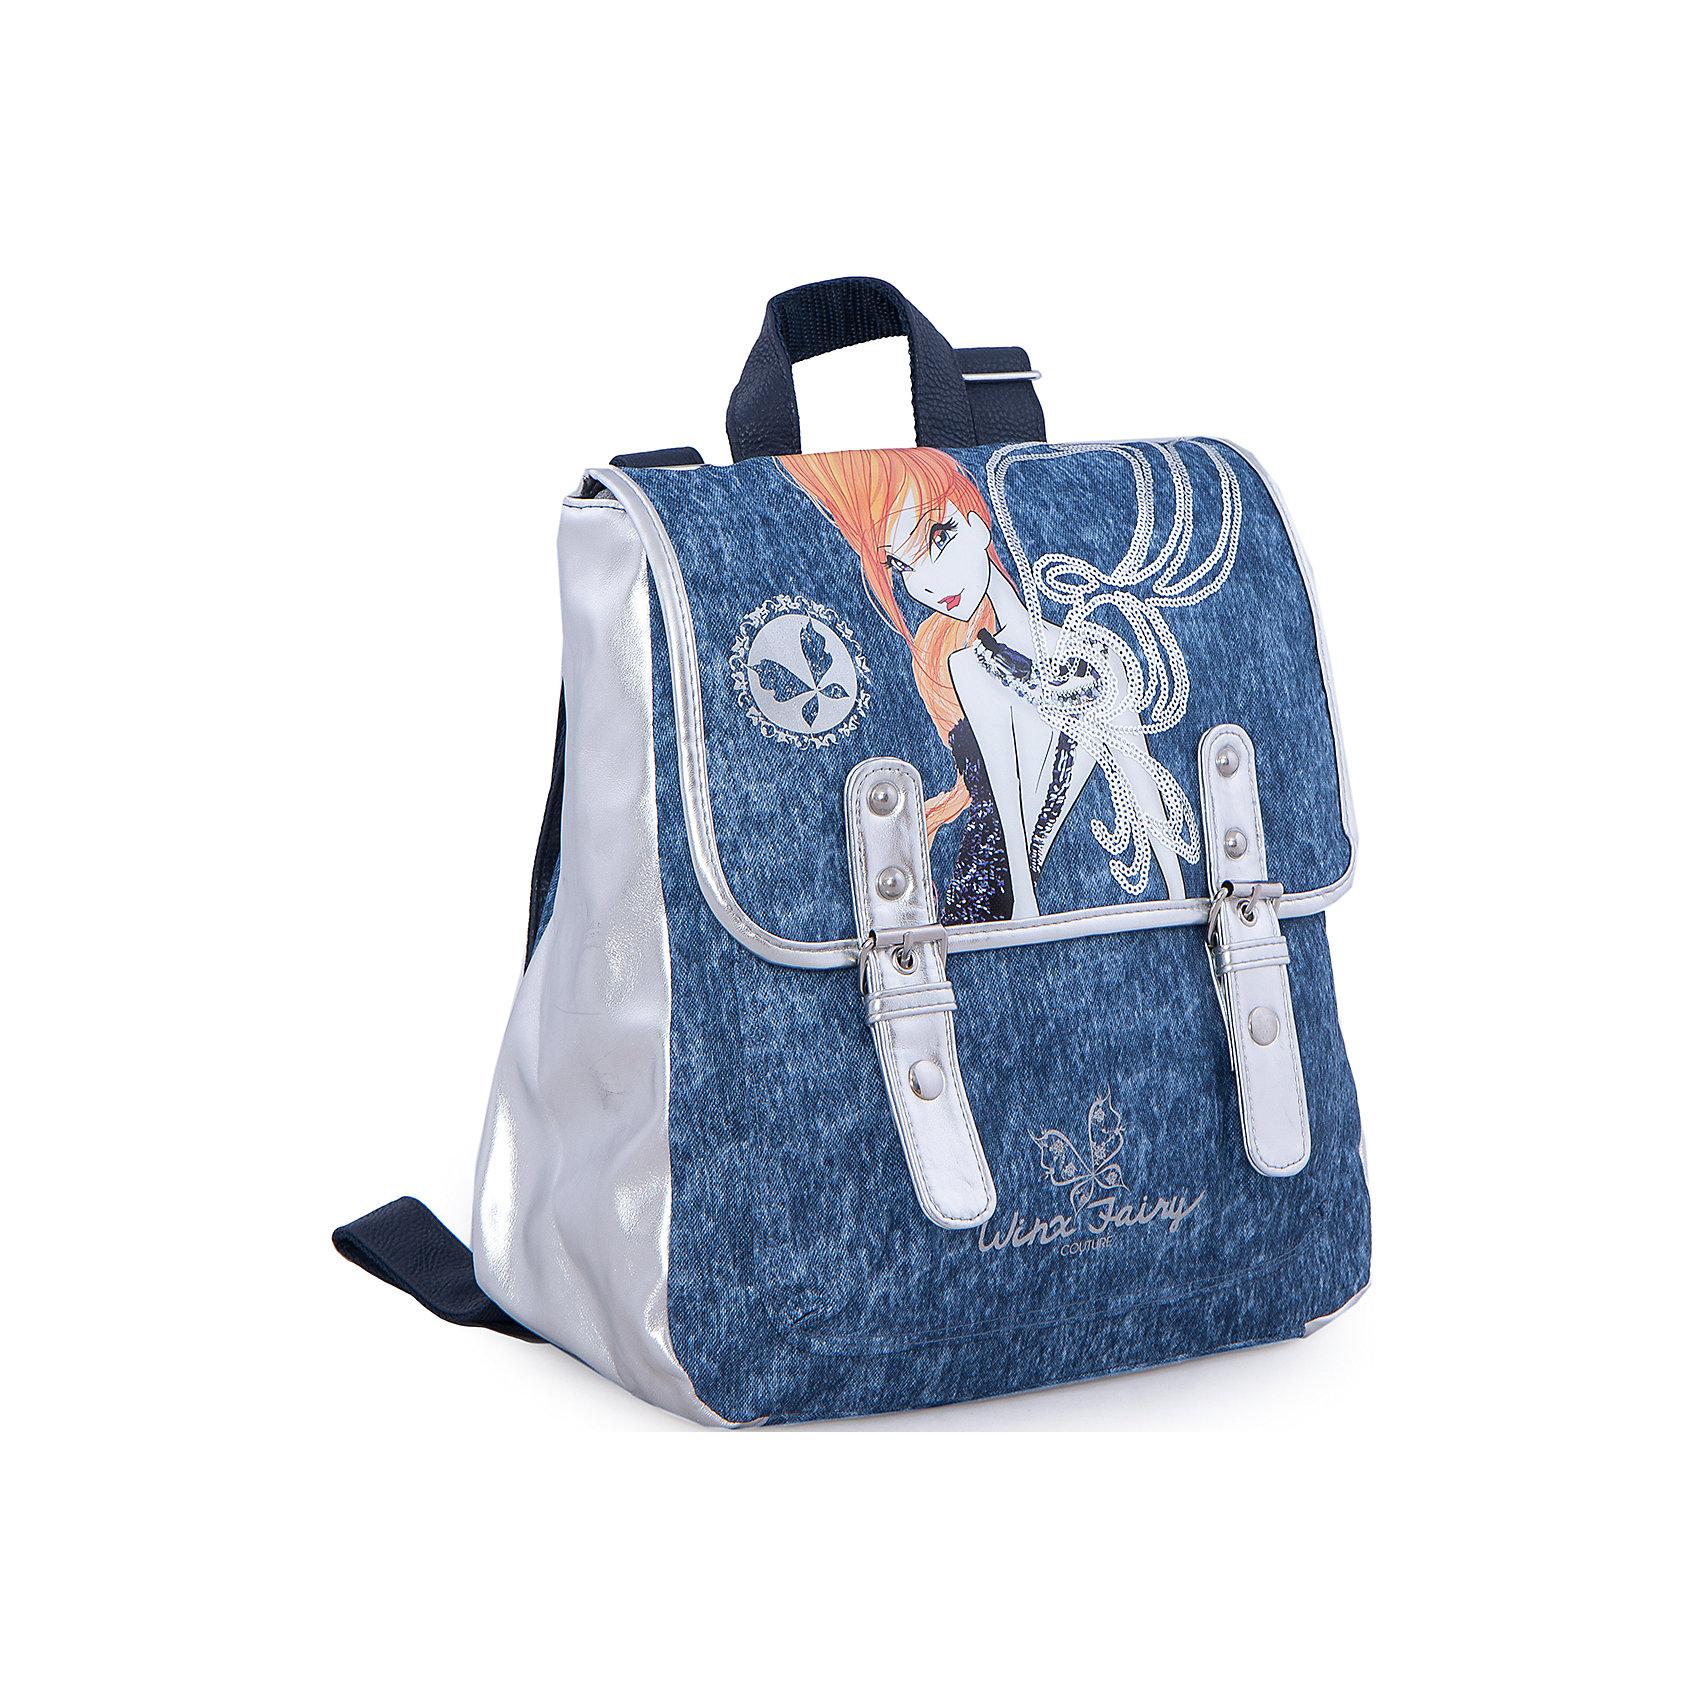 Школьный рюкзак, Winx ClubРюкзак 30*28*12 см, Winx Club - практичный и яркий рюкзак, прослужит Вашей дочурке долго и станет ее верным другом во всех путешествиях.<br>Стильный и продуманный до мелочей рюкзак Winx Club отлично подойдет для учебы, занятий спортом или прогулок на свежем воздухе. В нем с легкостью можно разместить все самые нужные вещи. Рюкзак содержит одно вместительное отделение с внутренними кармашками, которое закрывается клапаном с удобными стильными застежками. Рюкзак украшен ярким изображением очаровательной феи Winx. Он имеет текстильные регулируемые лямки и текстильную ручку. Изготовлен из прочного водонепроницаемого материала.<br><br>Дополнительная информация:<br><br>- Размер: 30 х 28 х 12 см.<br>- Материал: полиэстер<br>- Вес: 392 гр.<br><br>Рюкзак 30*28*12 см, Winx Club можно купить в нашем интернет-магазине.<br><br>Ширина мм: 280<br>Глубина мм: 120<br>Высота мм: 300<br>Вес г: 392<br>Возраст от месяцев: 72<br>Возраст до месяцев: 144<br>Пол: Женский<br>Возраст: Детский<br>SKU: 4489616